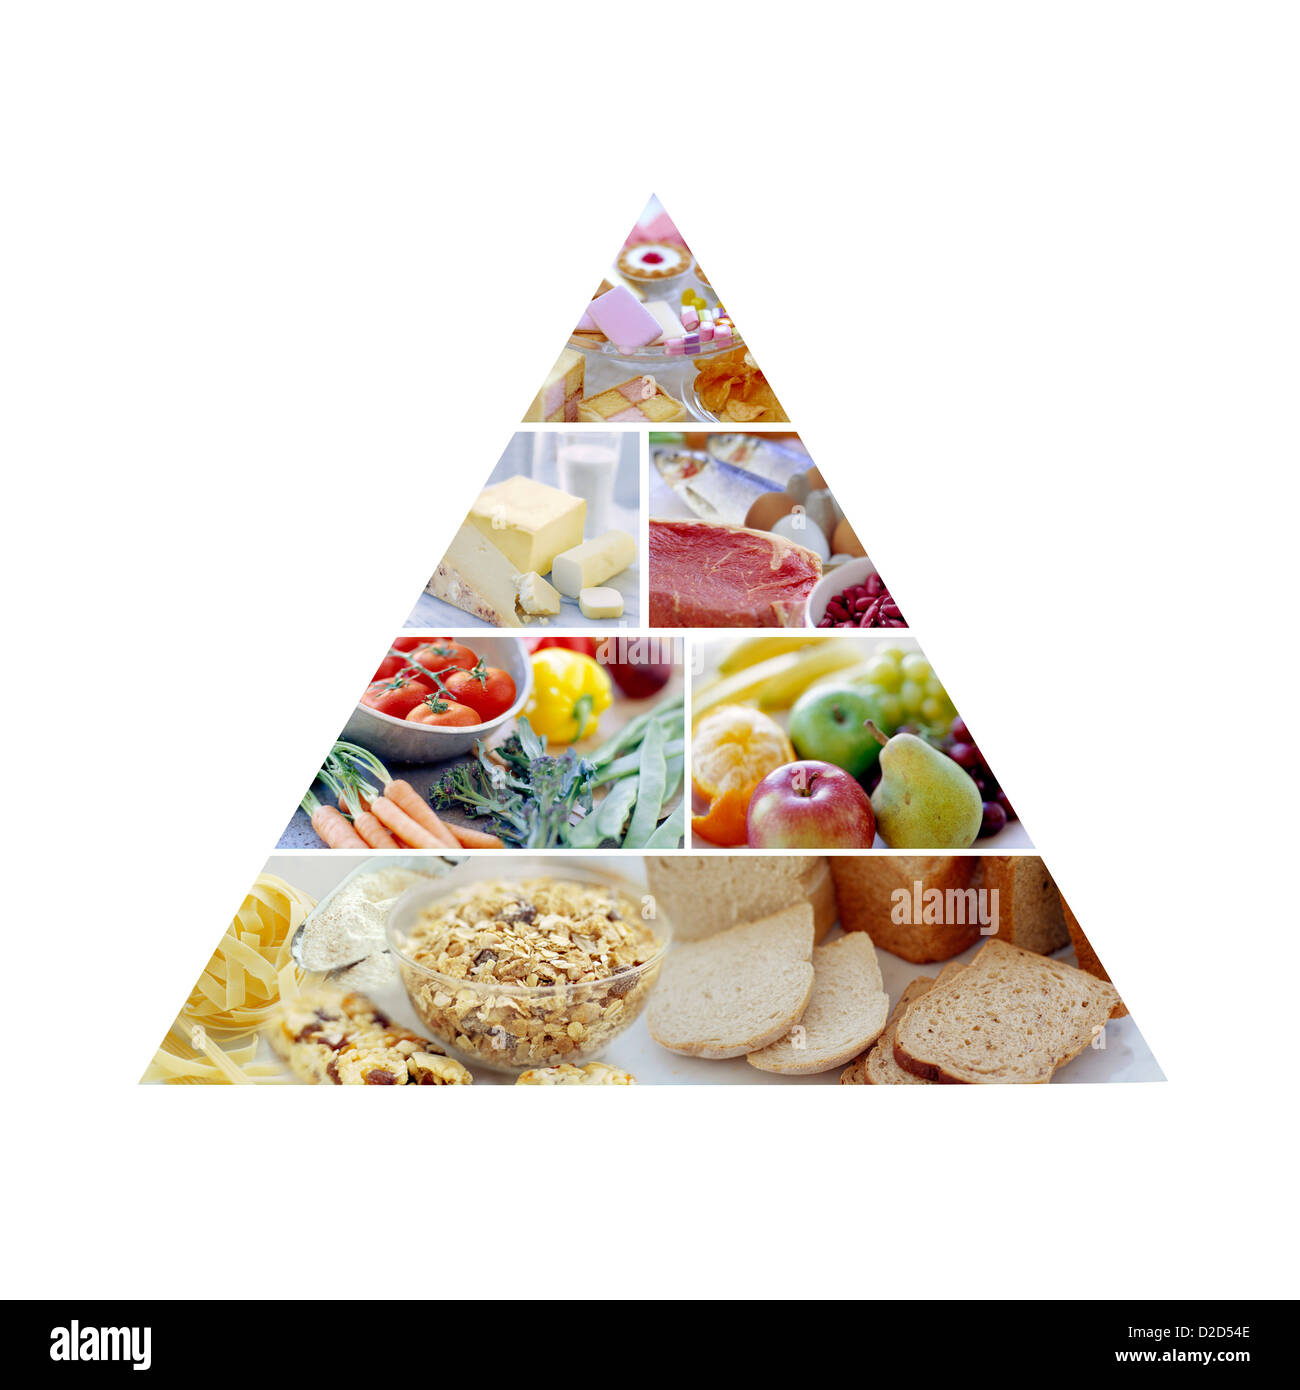 Lebensmittel Pyramide Zeigt Die Empfohlene Anteile Der Arten Von Lebensmitteln Fur Eine Gesunde Und Ausgewogene